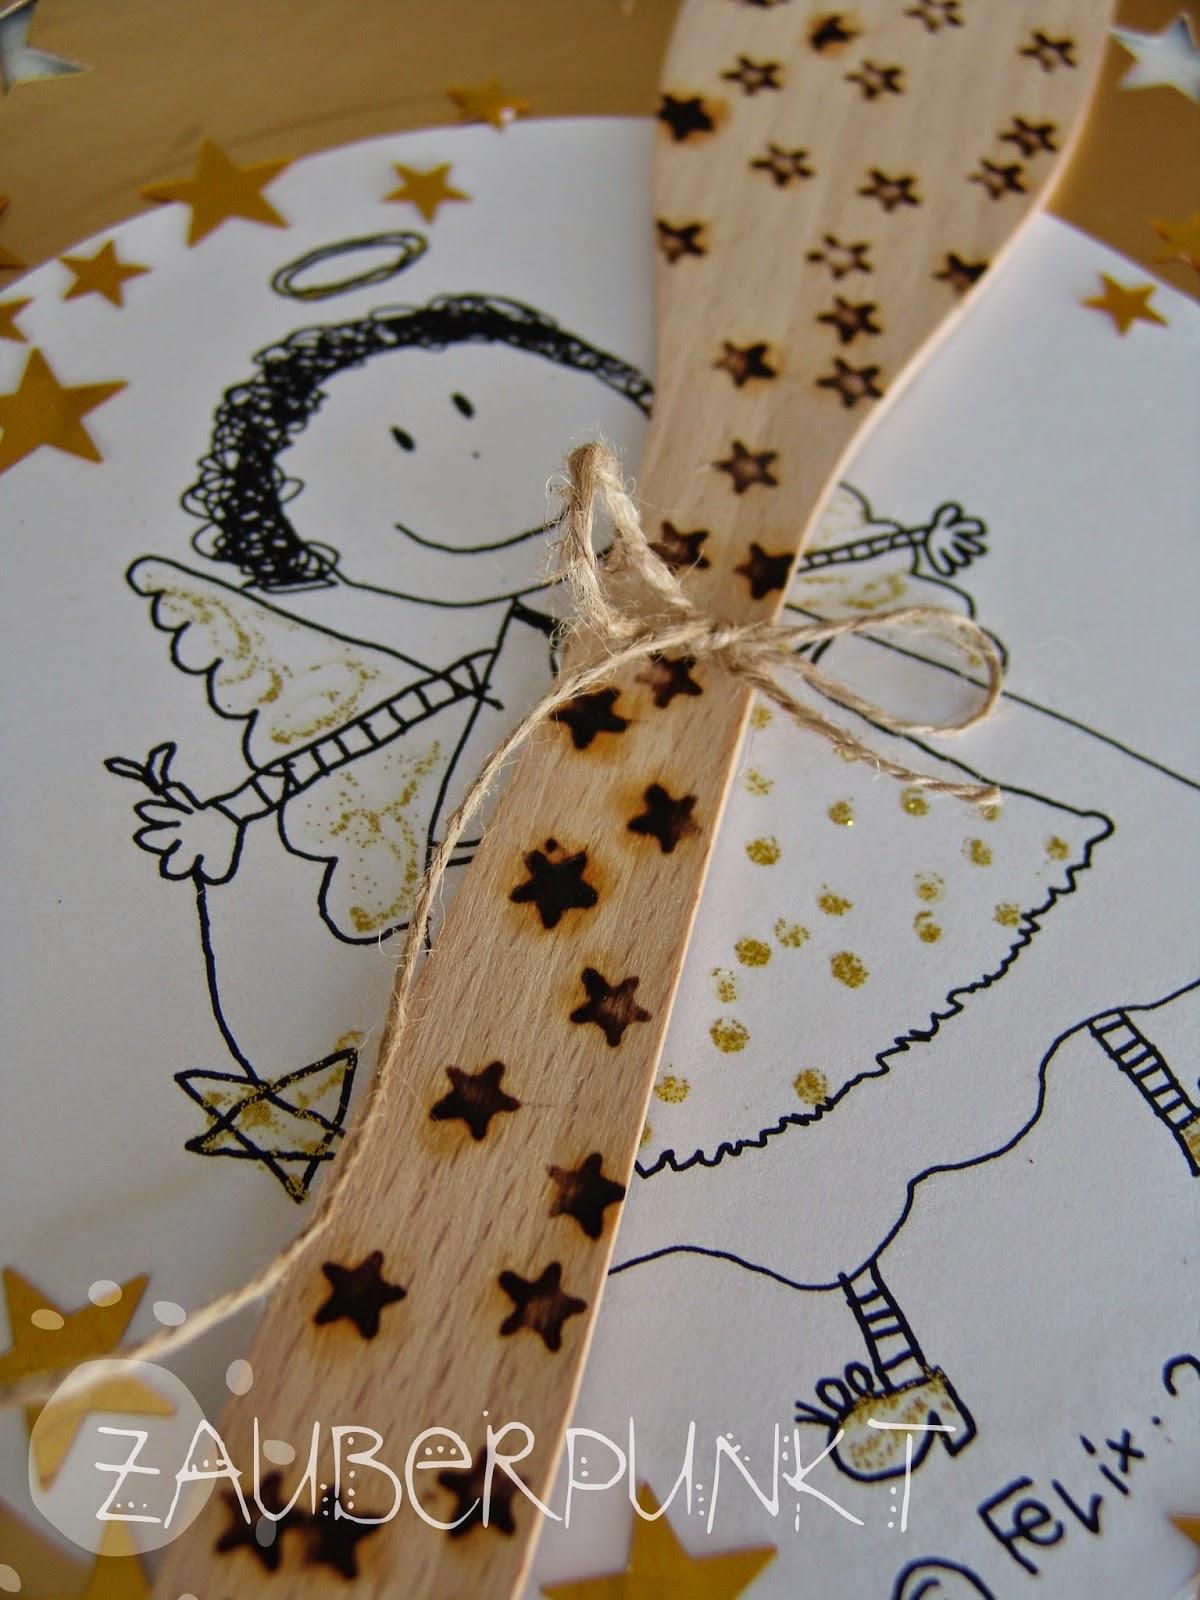 Weihnachtsgeschenk Eltern Selber Machen Zauberpunkt